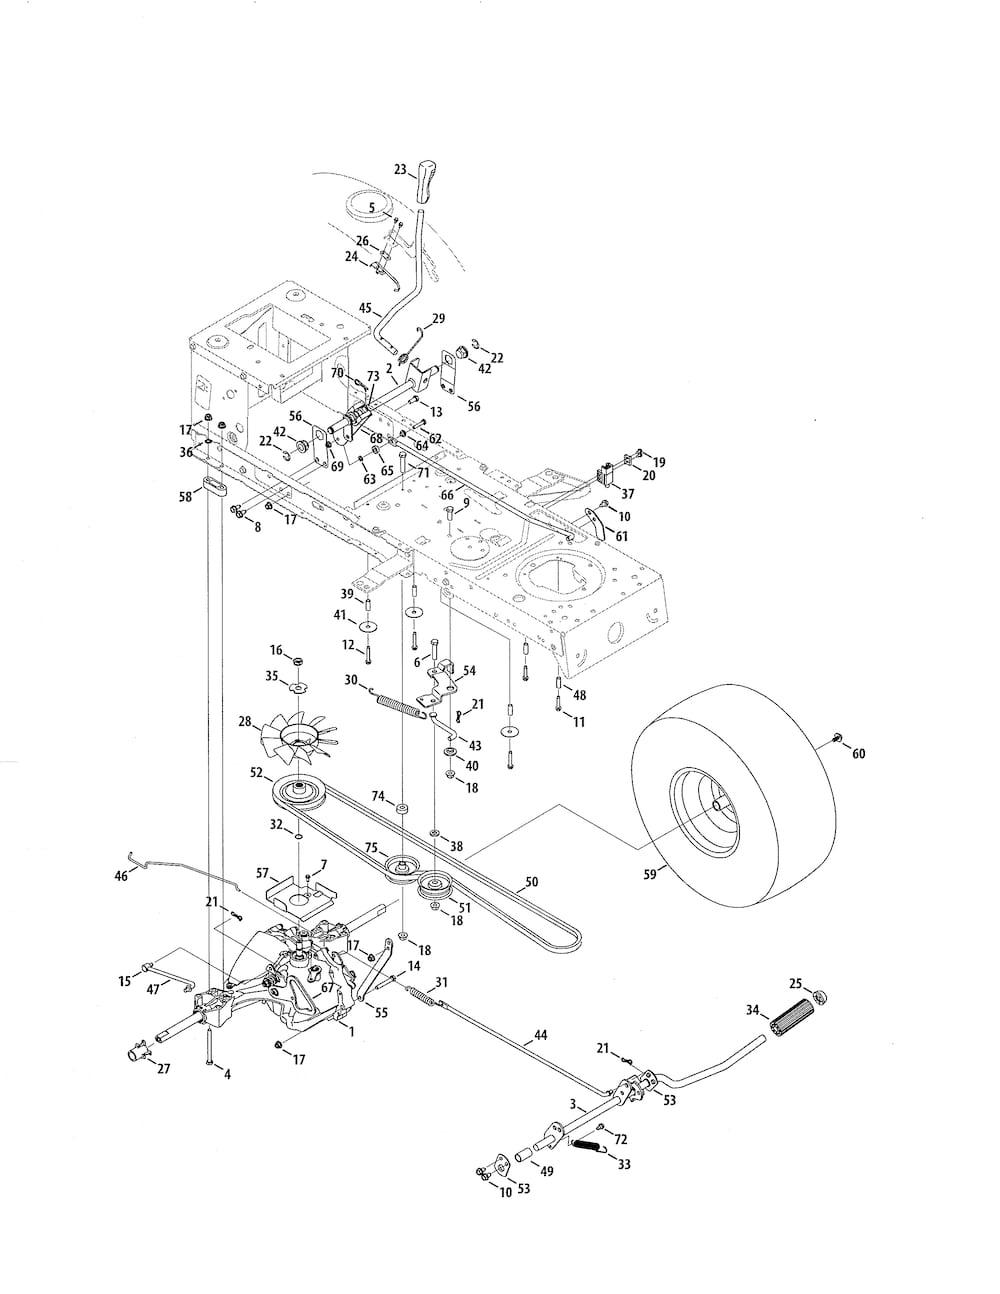 Craftsman 24728915 lawn tractor